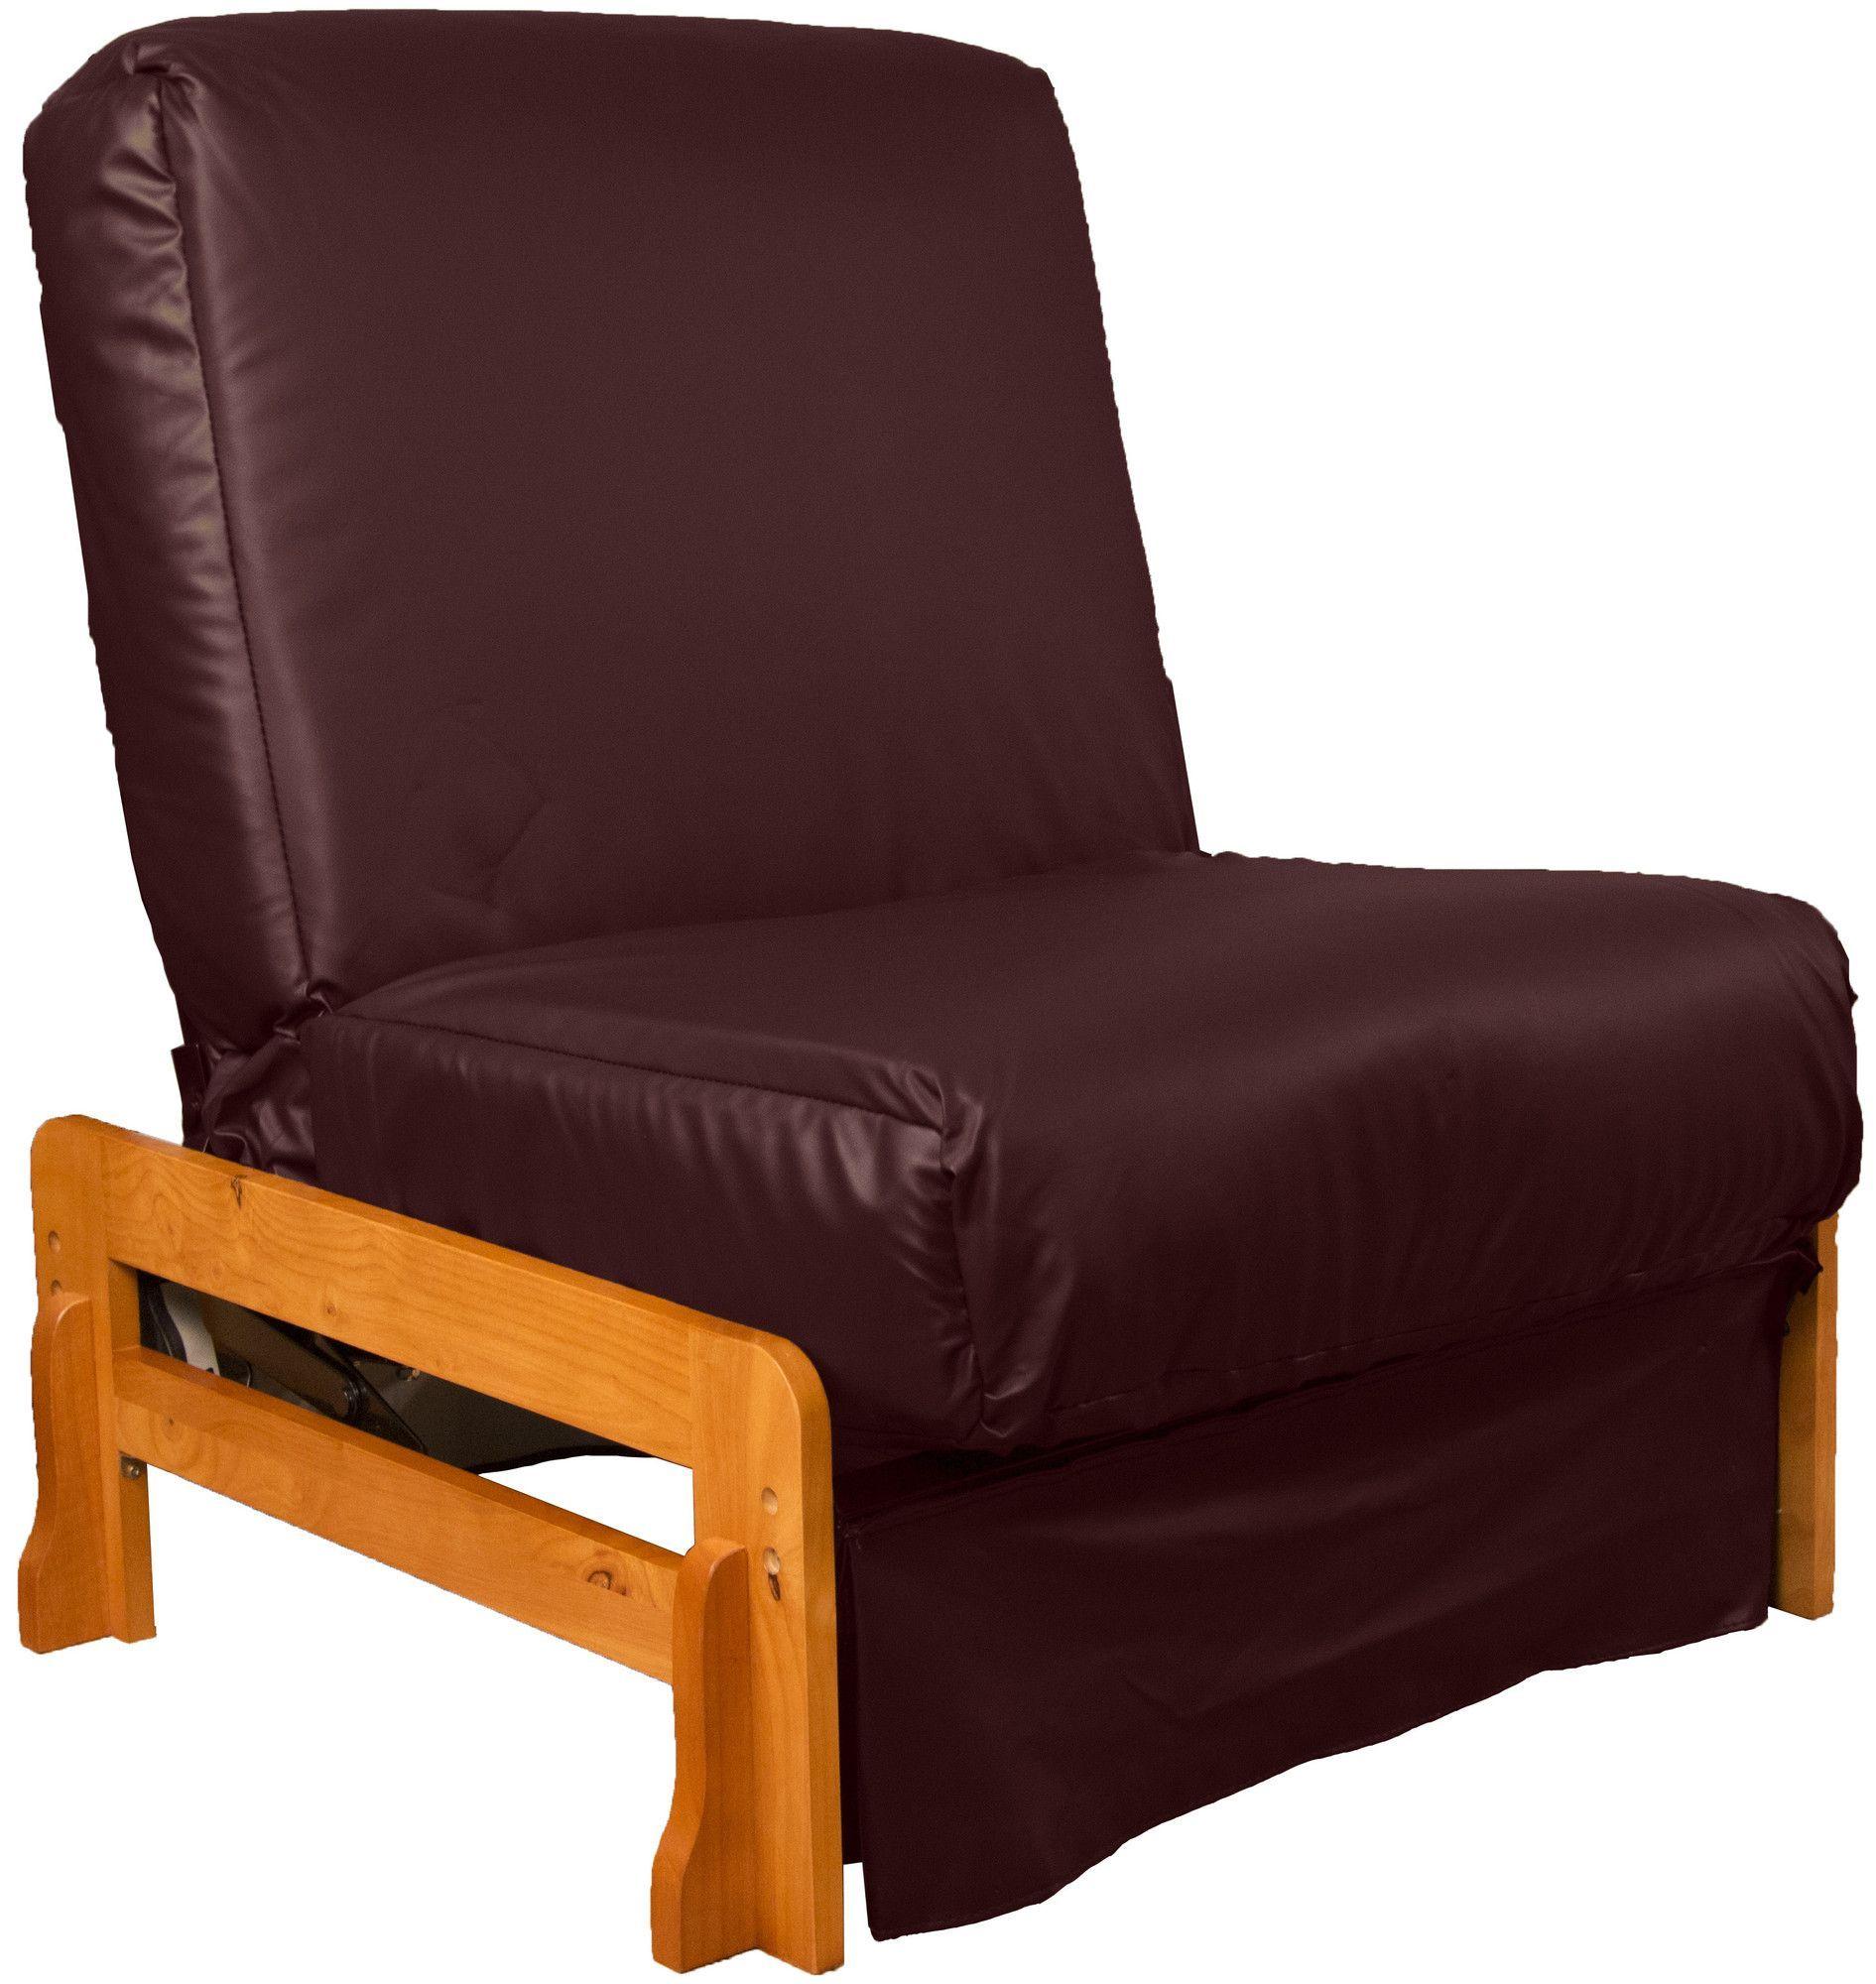 tucson perfect sit n sleep inner spring pillow top sleeper bed